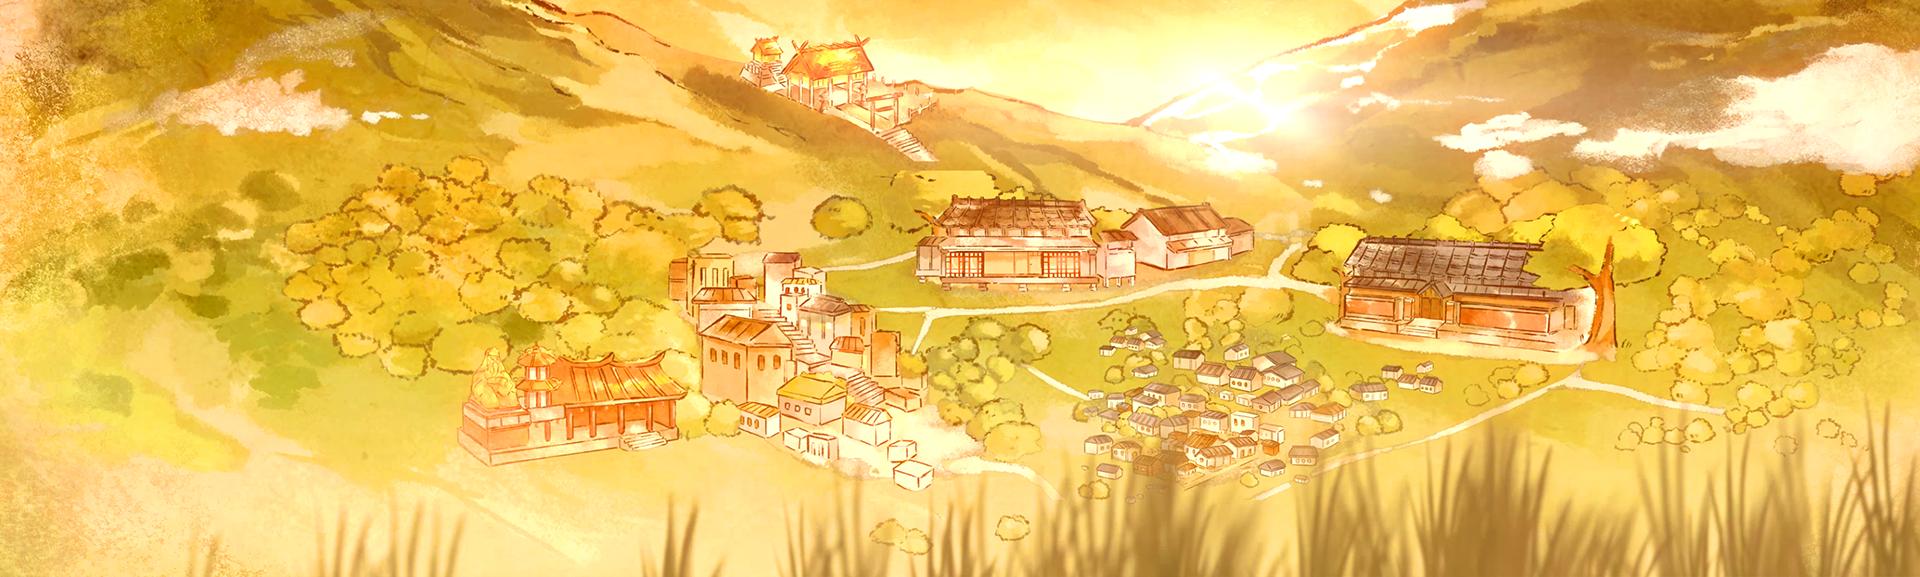 劇照:遠眺金瓜石山城,黃昏